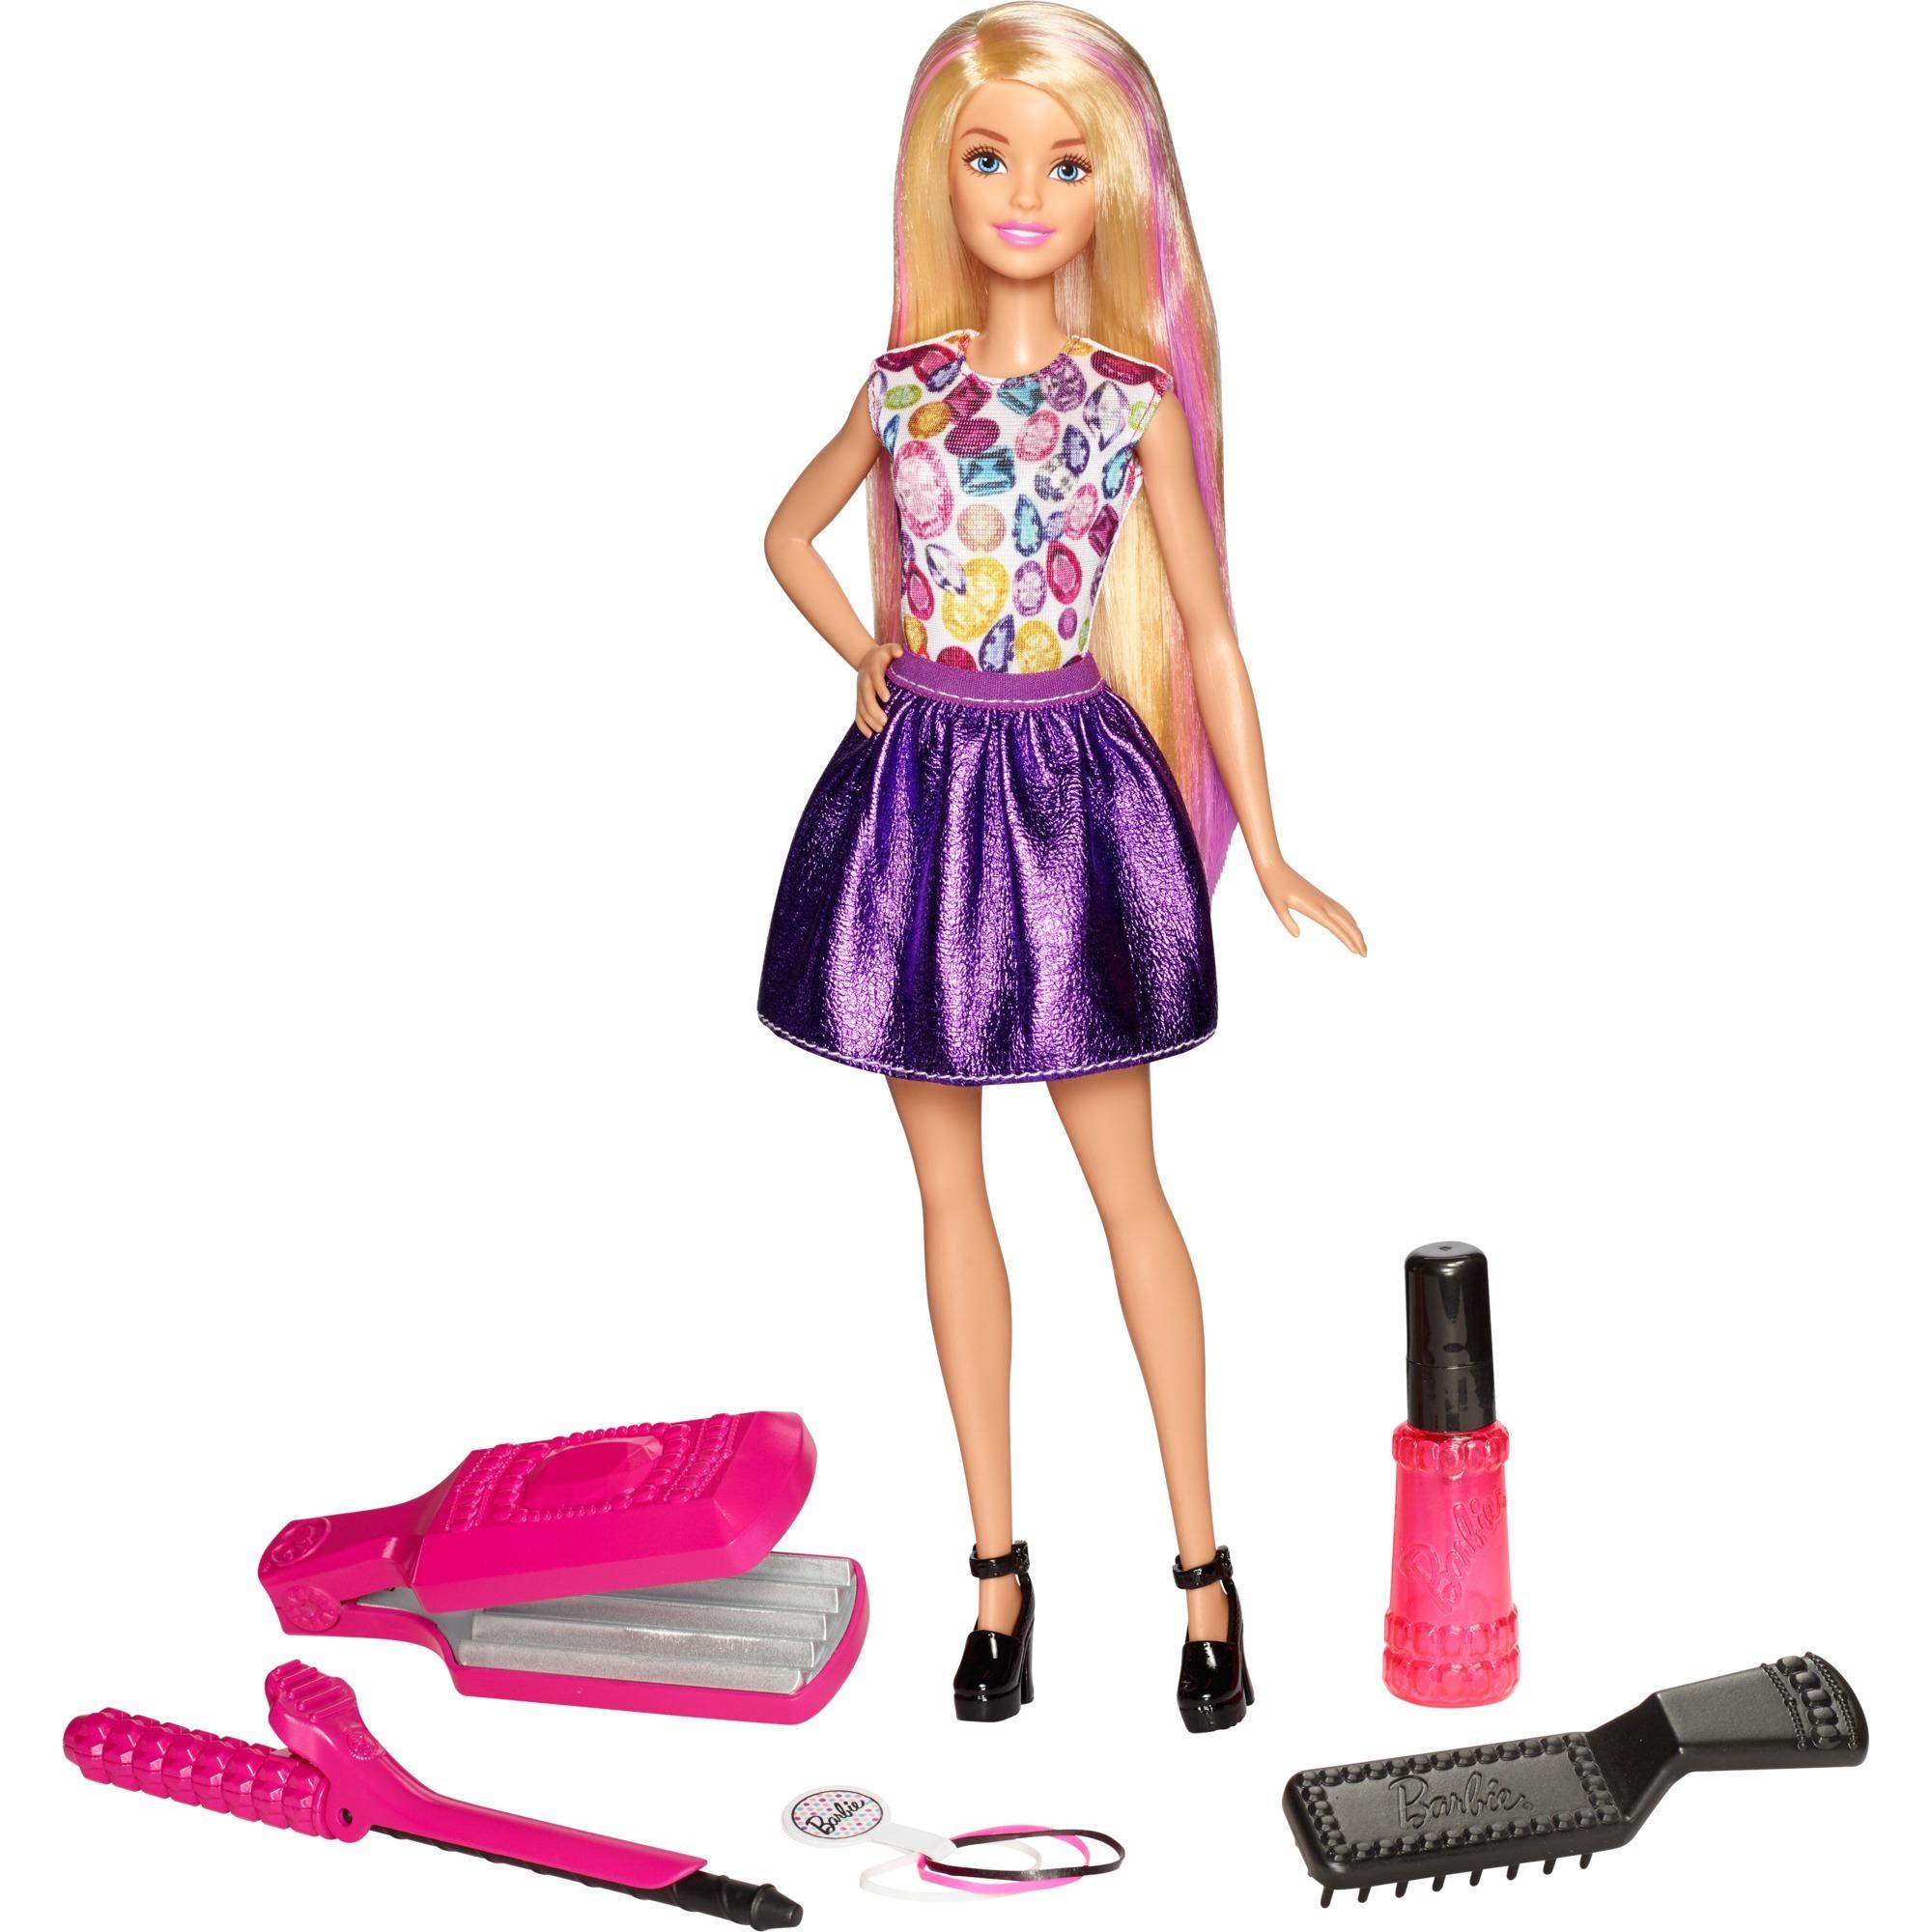 barbie-med-tilbehor-til-haaret-dukke